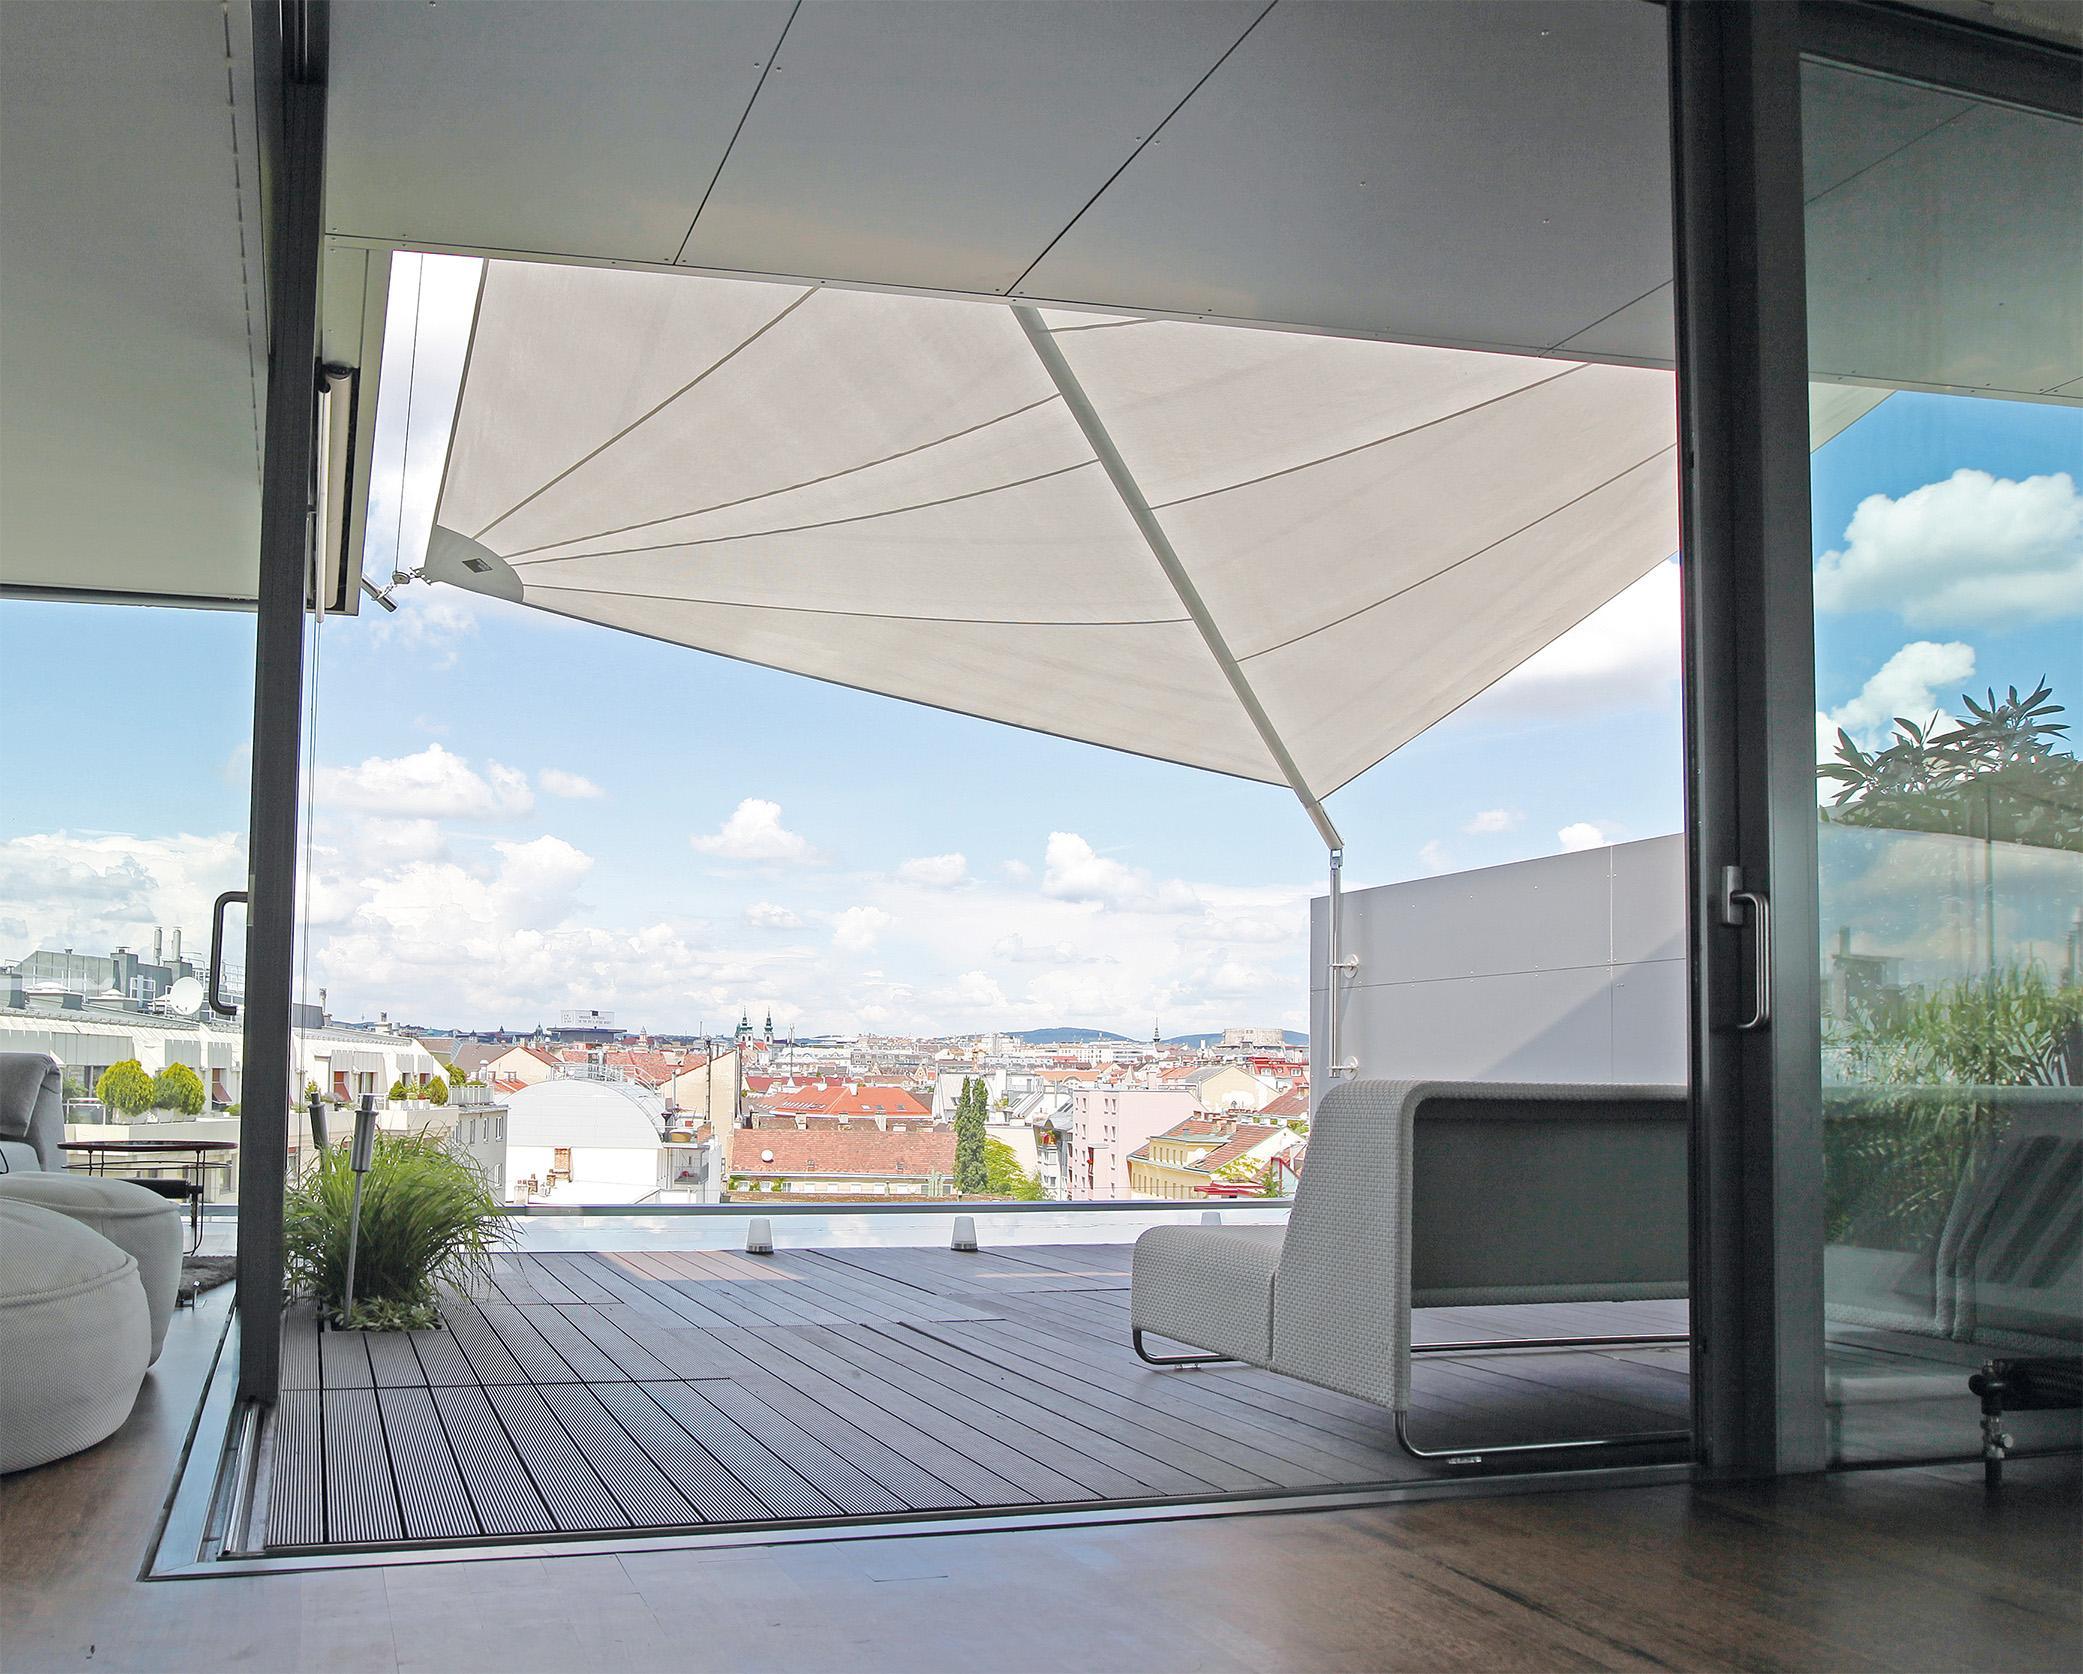 Terrasse Mit Sichtschutz So Schaffst Du Privatsphare